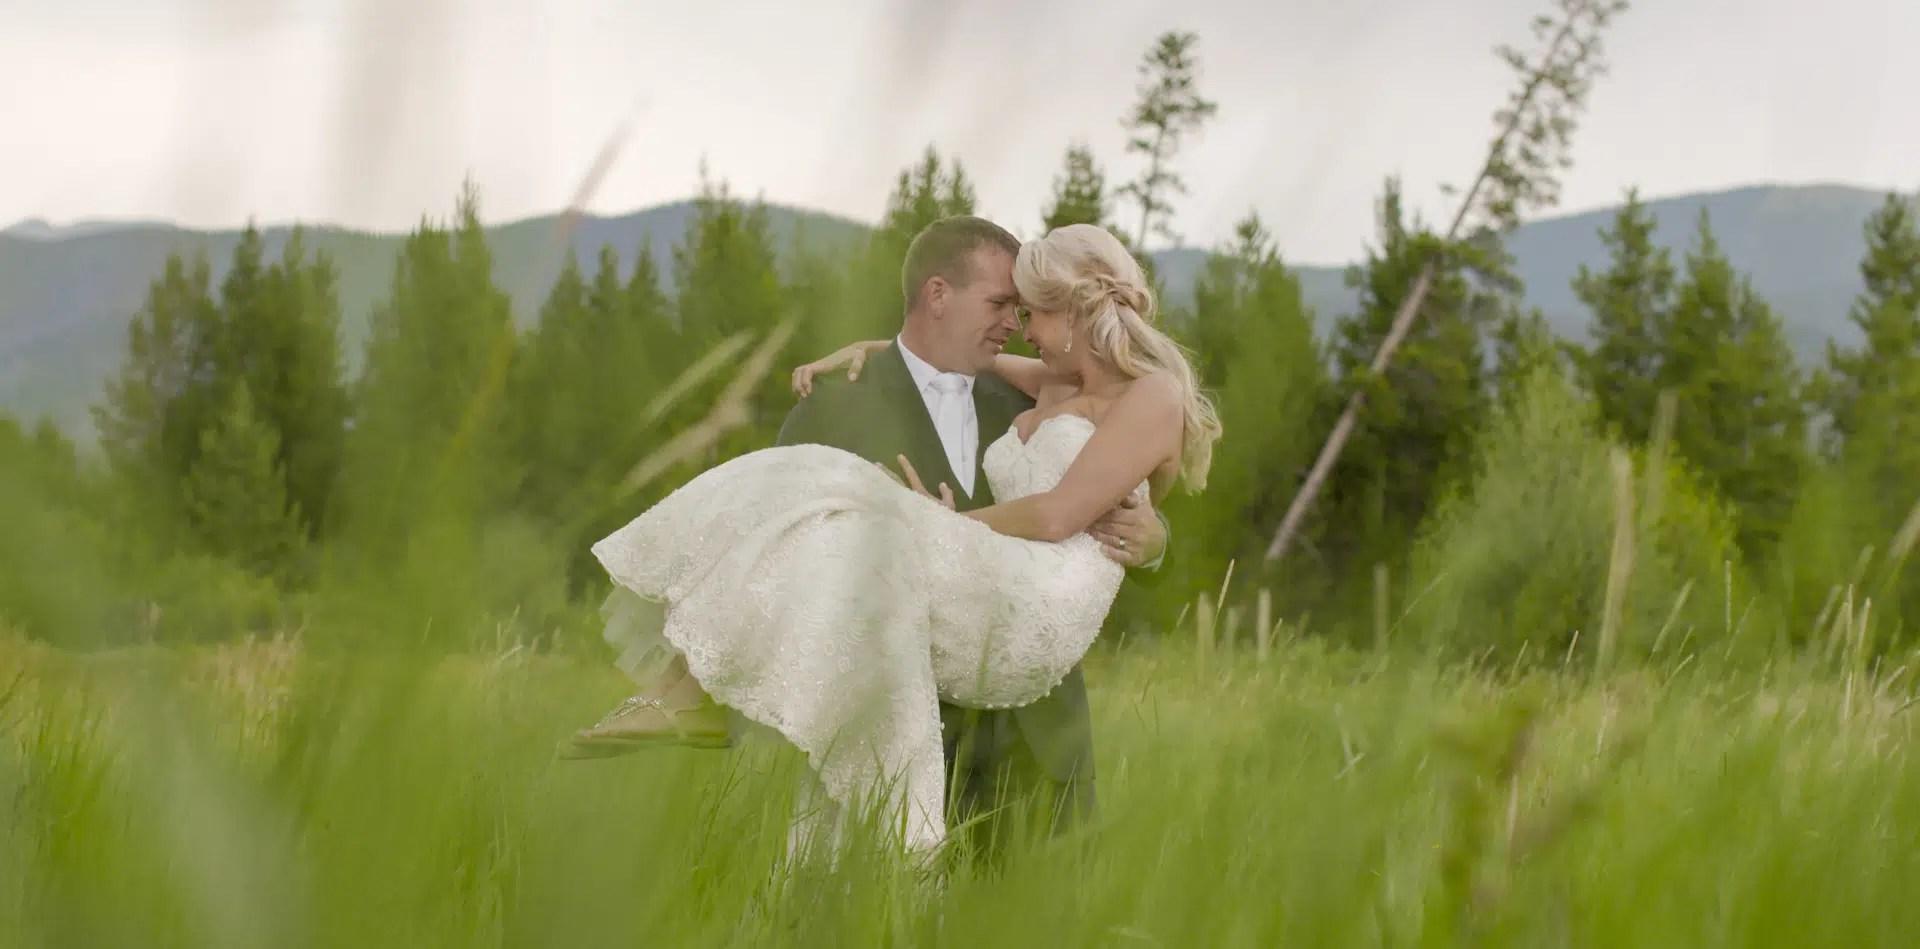 Voigt-Jackson Wedding Stills